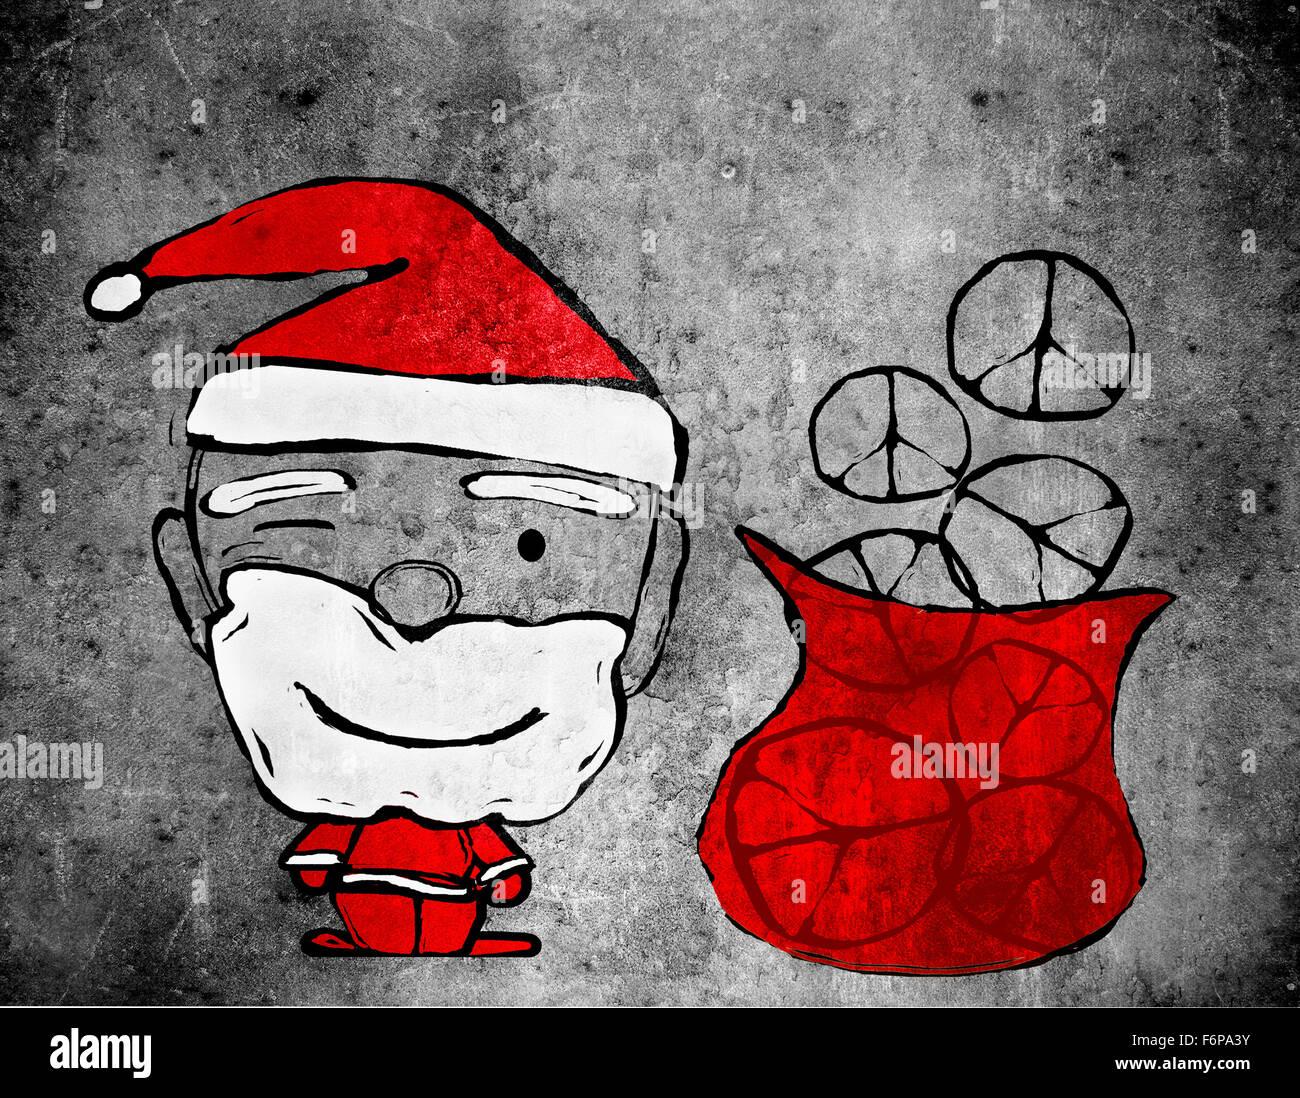 Santa Claus y símbolos de paz ilustración digital Imagen De Stock